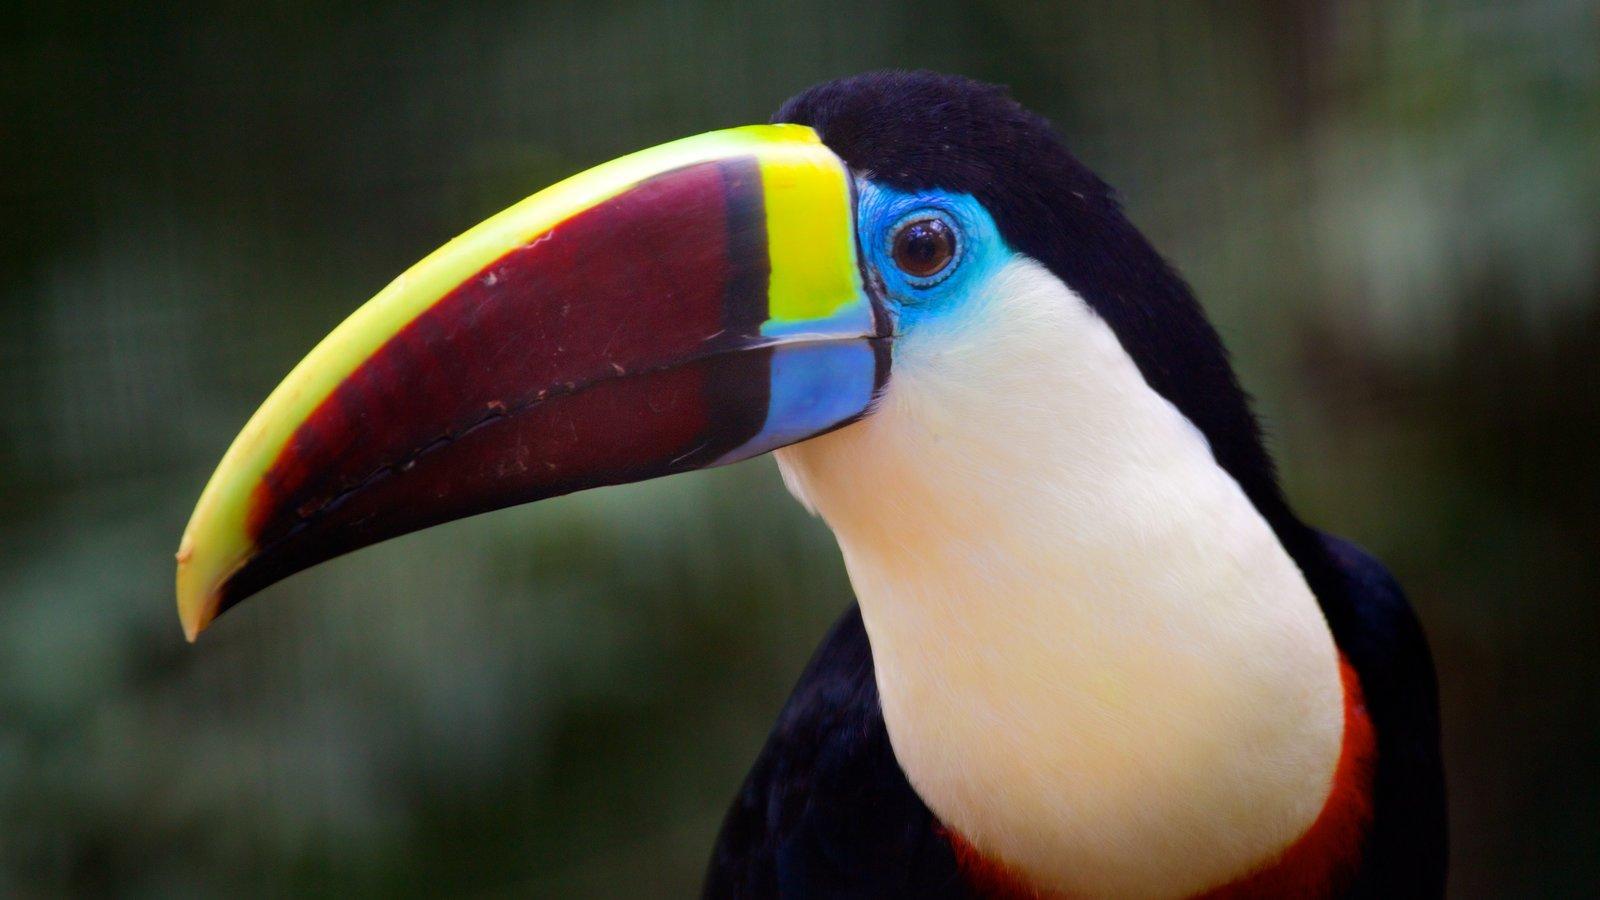 Parque das Aves mostrando animais de zoológico, um parque e vida das aves